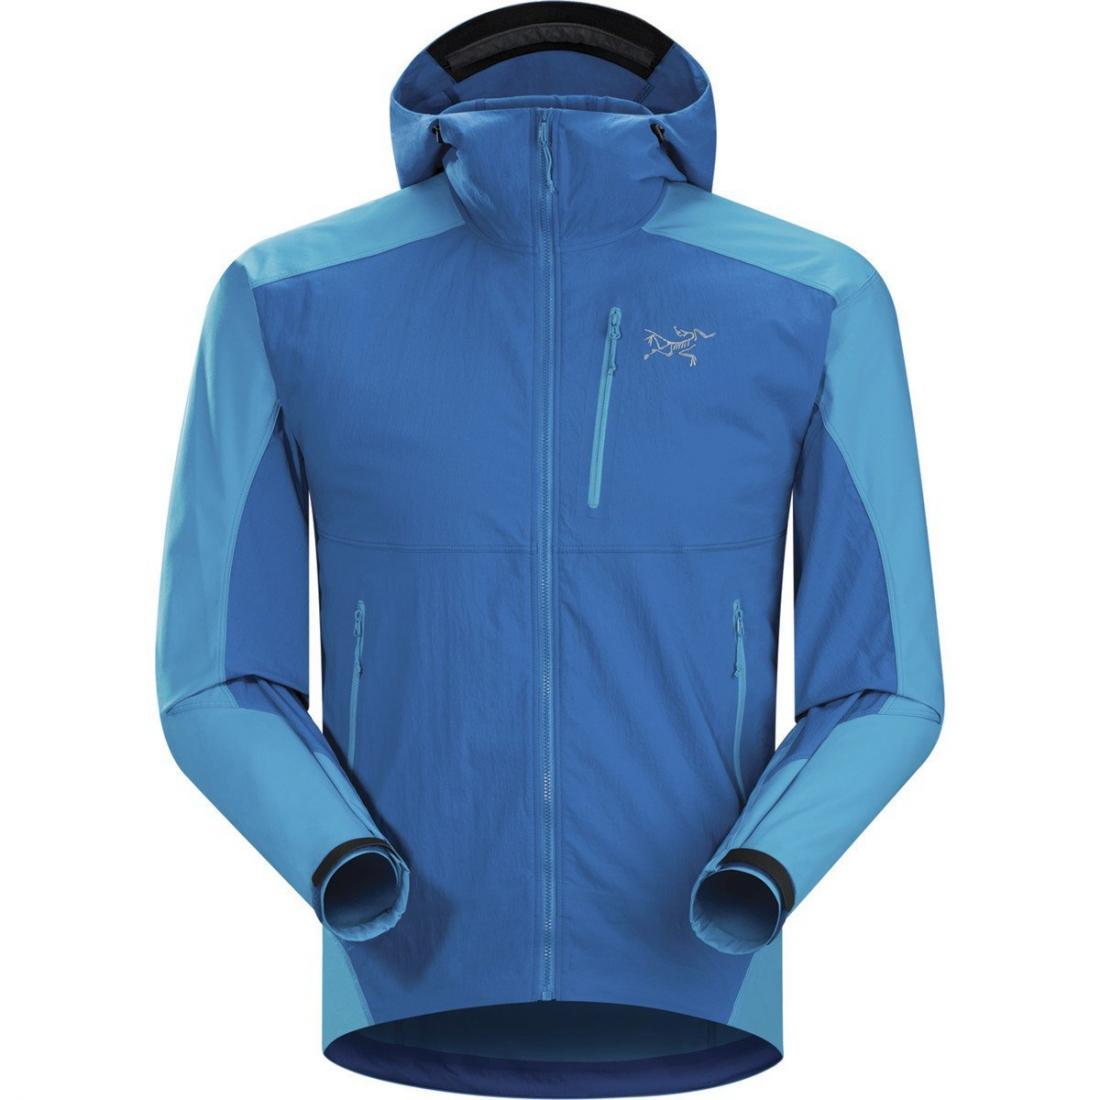 Куртка Gamma SL Hybrid Hoody муж.Куртки<br><br> Стильная альпинистская мужская куртка Arcteryx Gamma SL Hybrid Hoody объединила в себе массу преимуществ. Она легкая, но теплая, ветрозащитная, но ды...<br><br>Цвет: Синий<br>Размер: XL